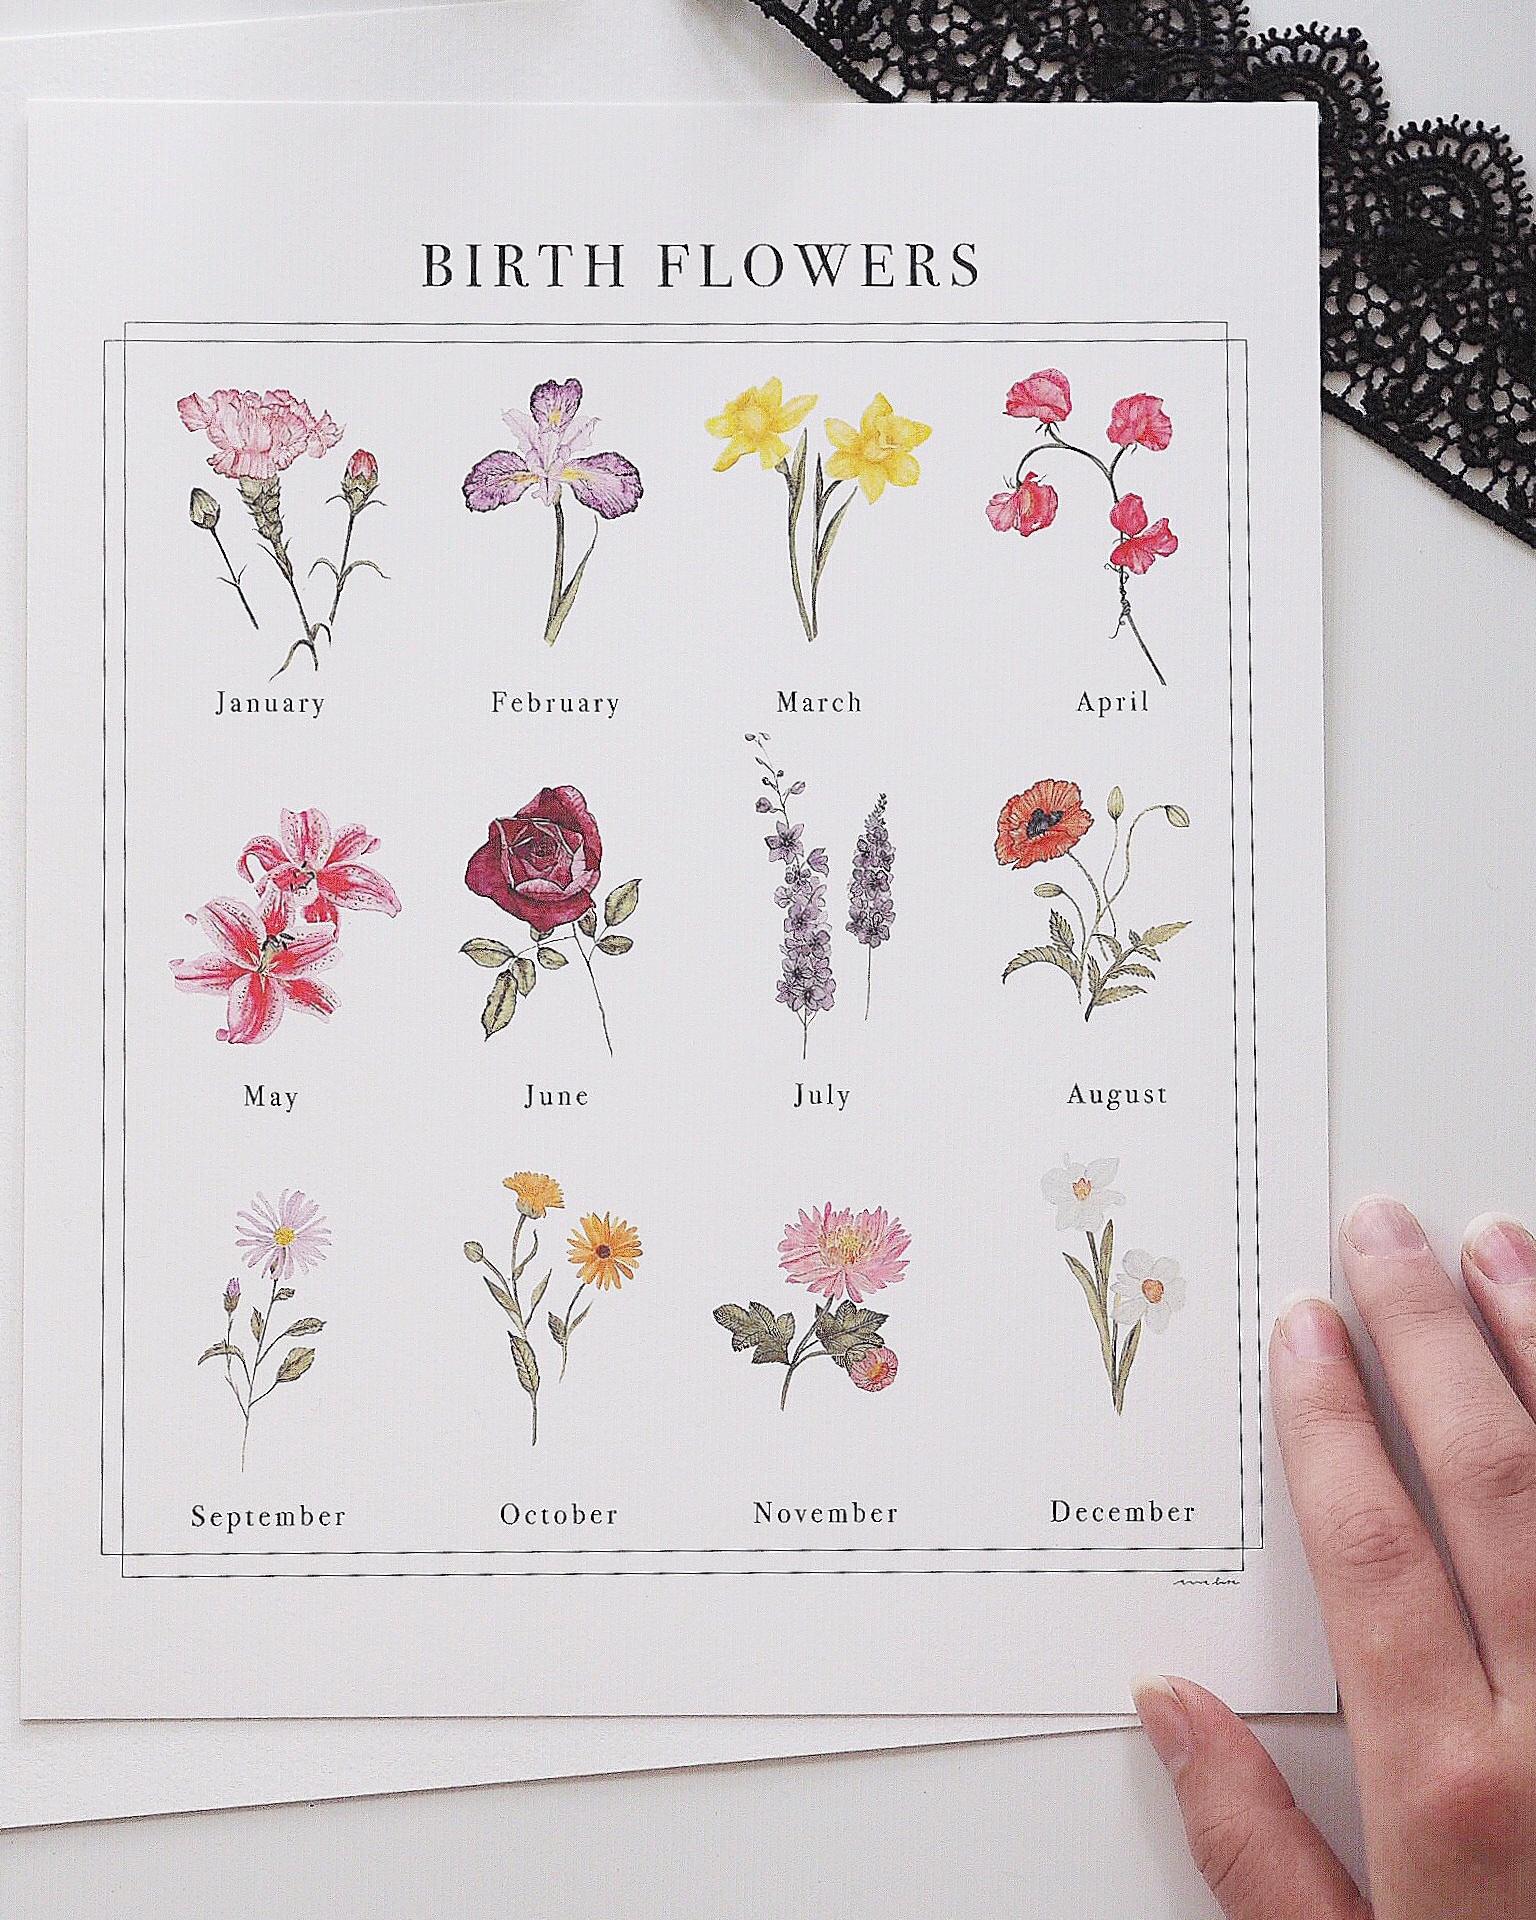 Birth Flowers — ANNA LIISA MOSS